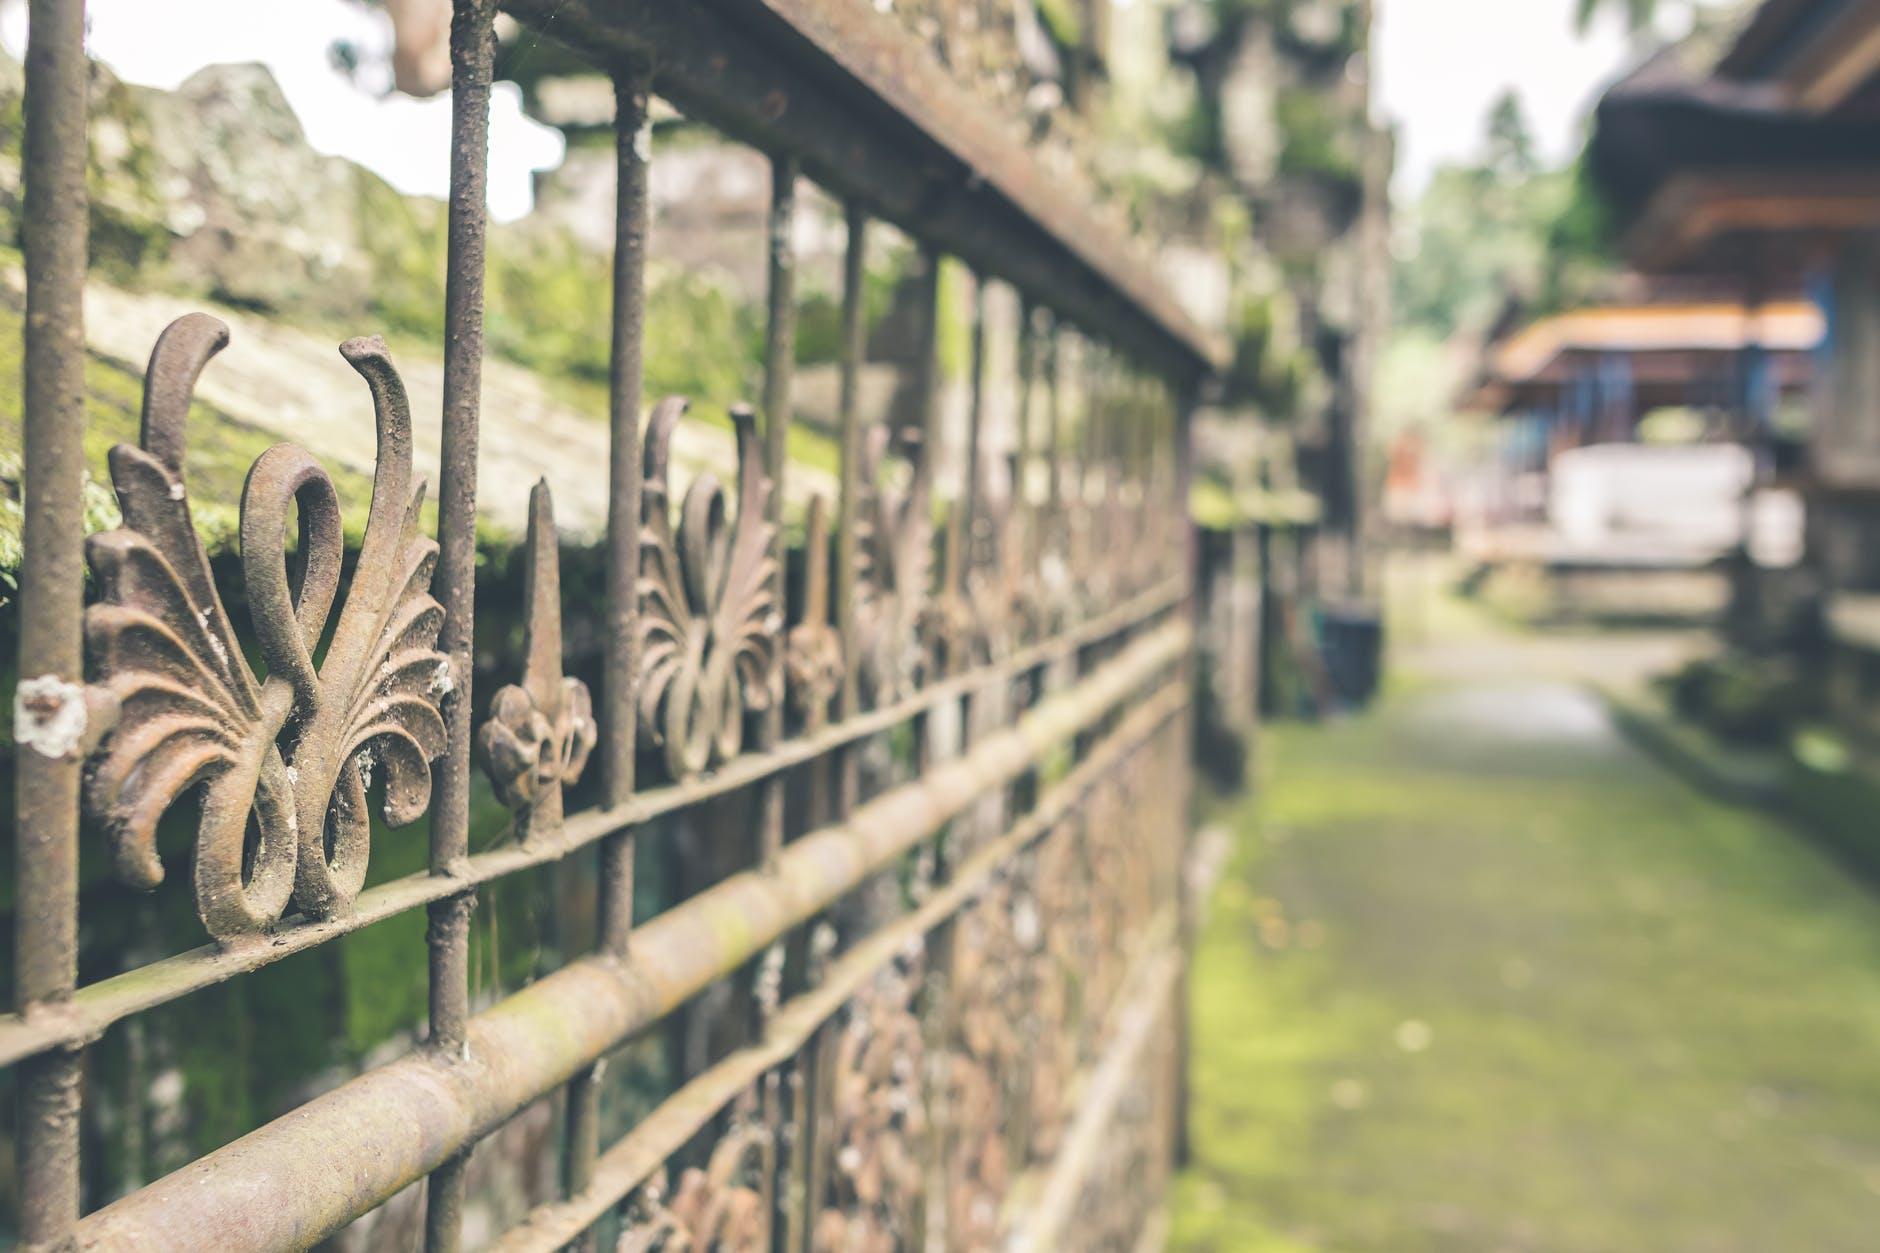 Jakie ogrodzenie przed domem wybrać?